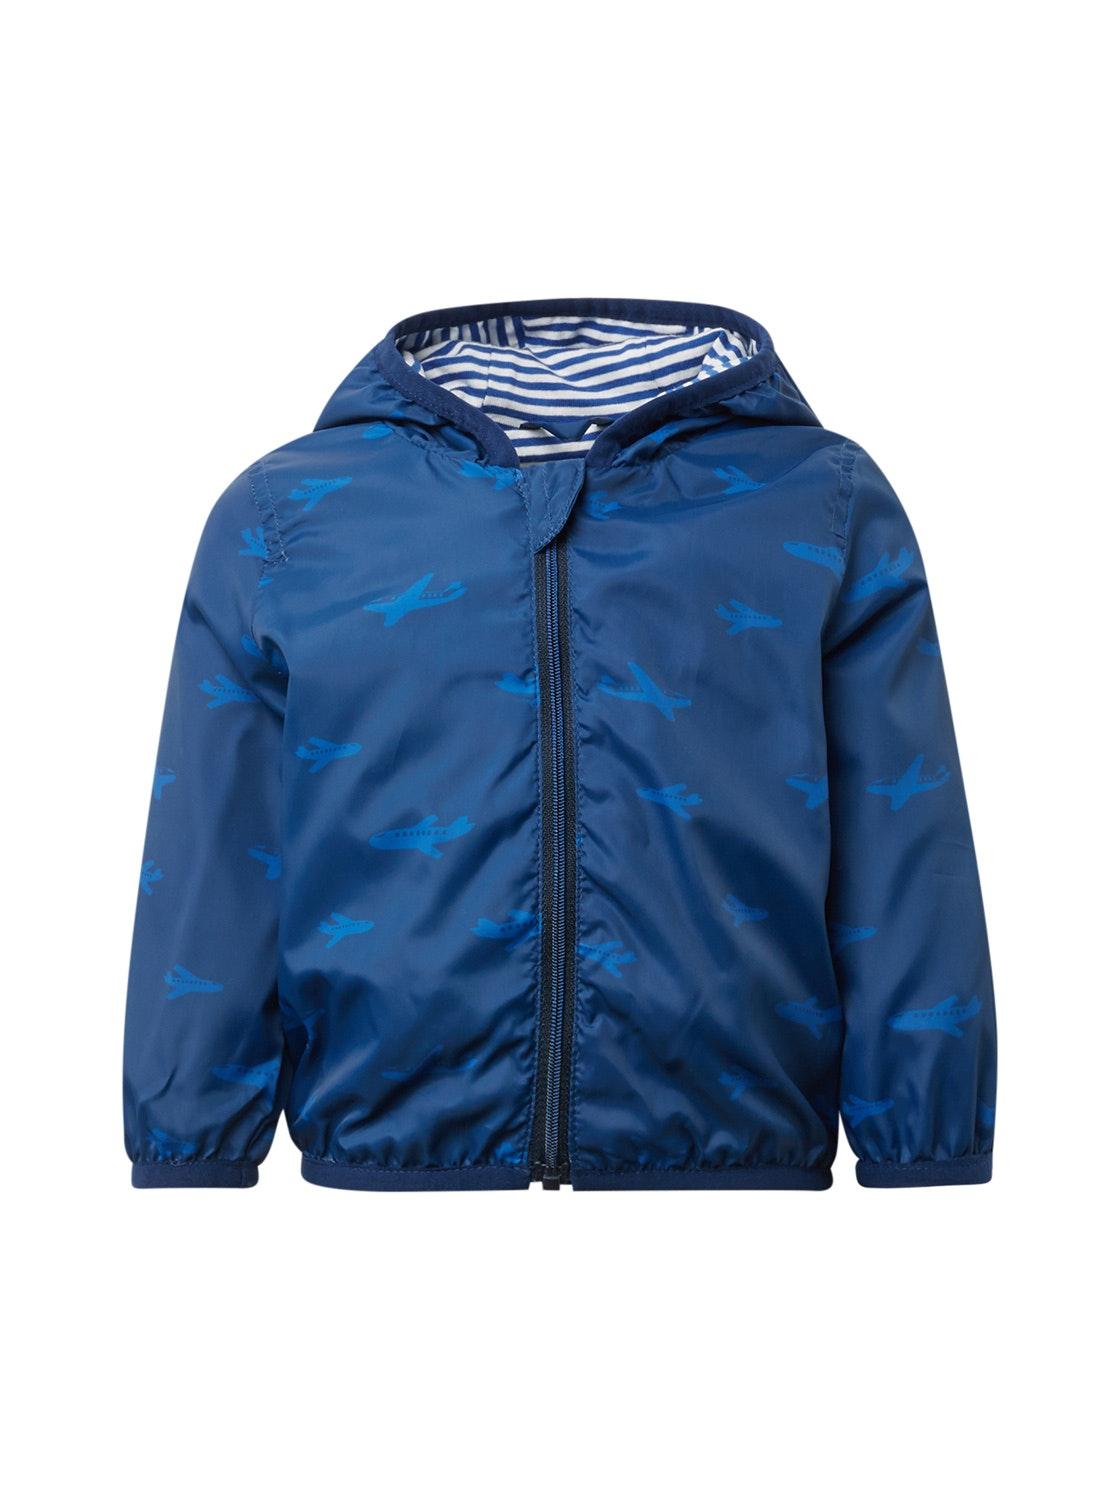 jacket patterned, estate blue-blue